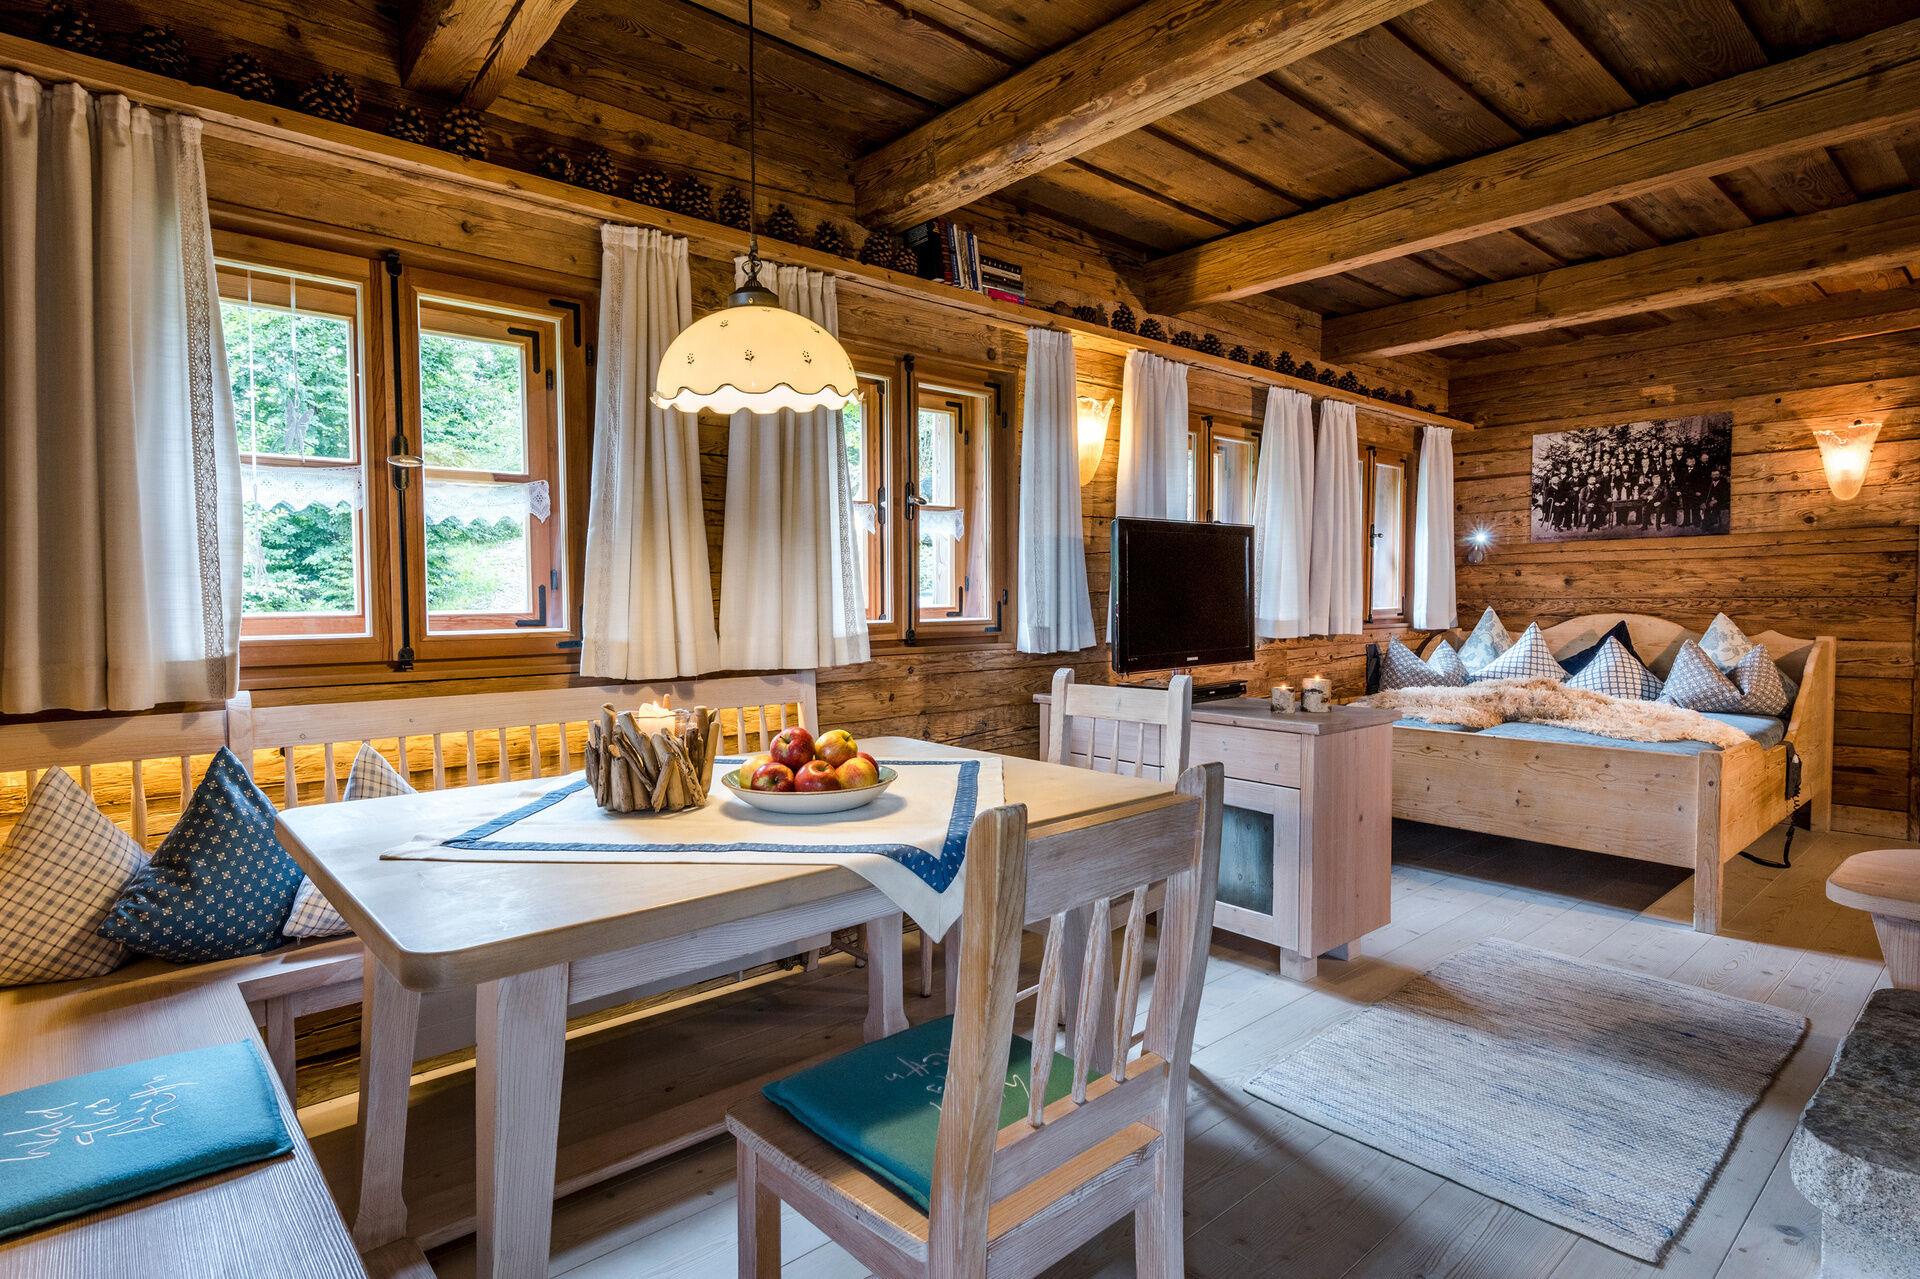 Luxus Chalets Bayerischer Wald exklusive Chalets Bayerischer Wald